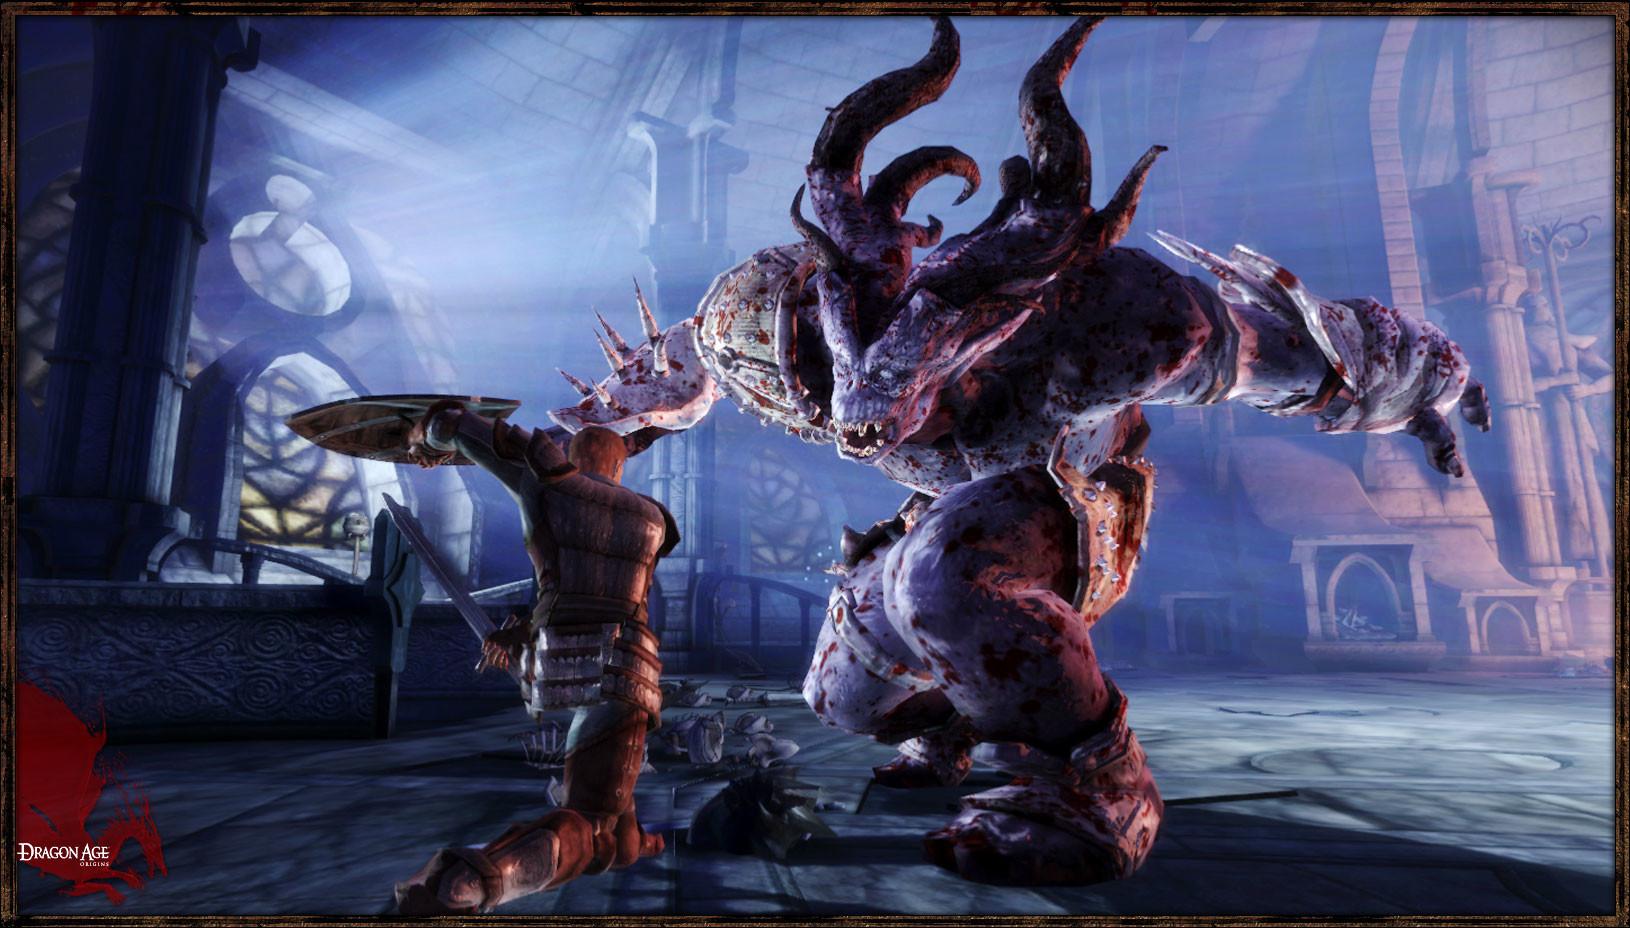 Dragon Age Ключ Активации Бесплатно